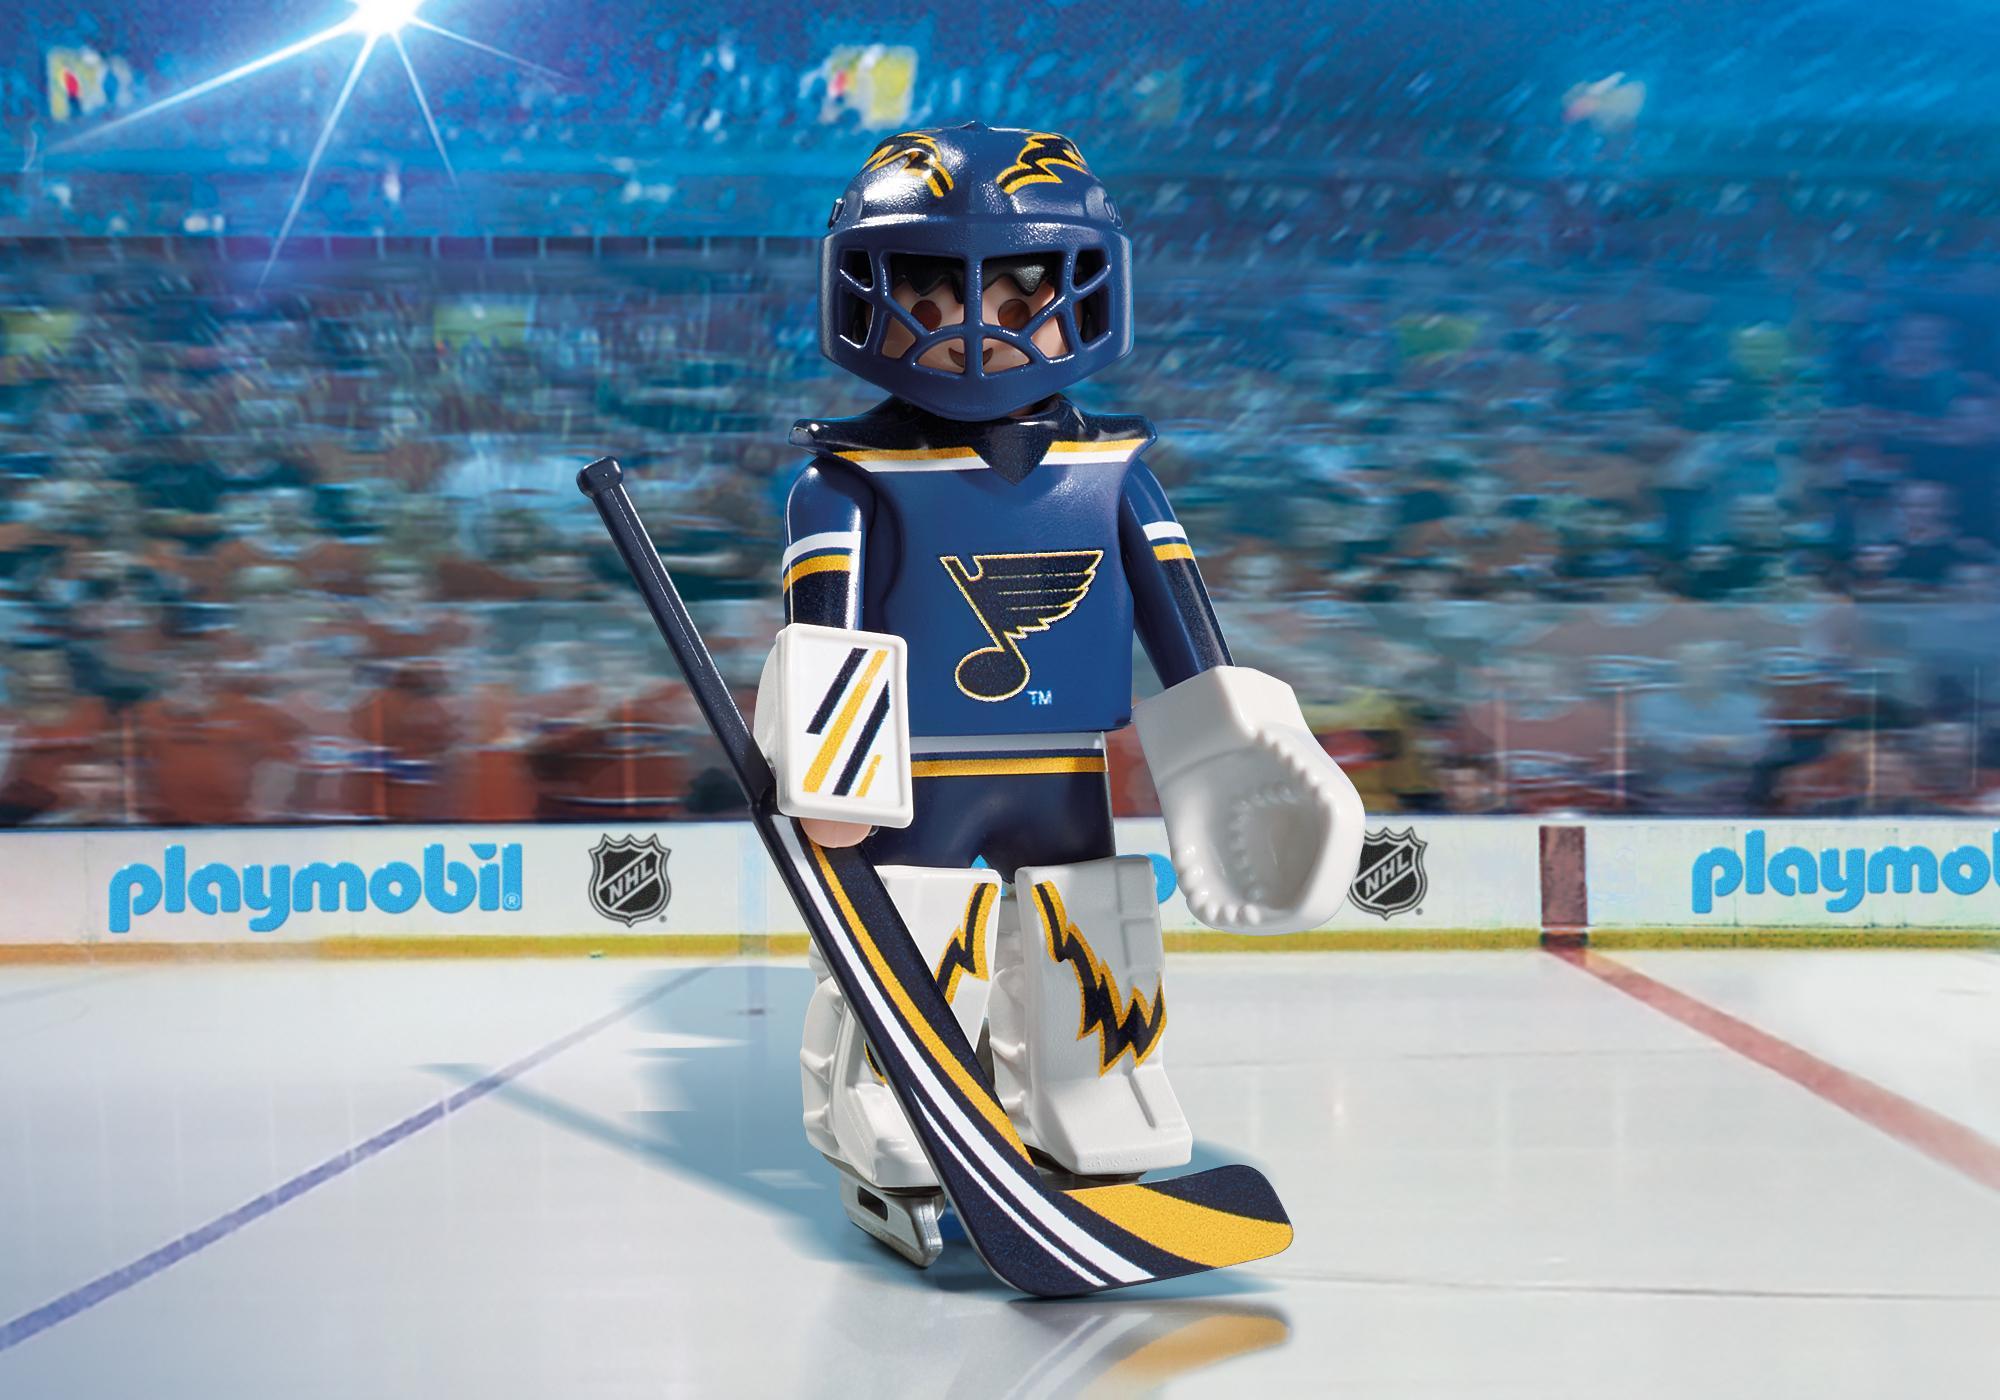 http://media.playmobil.com/i/playmobil/9183_product_detail/NHL® St. Louis Blues® Goalie